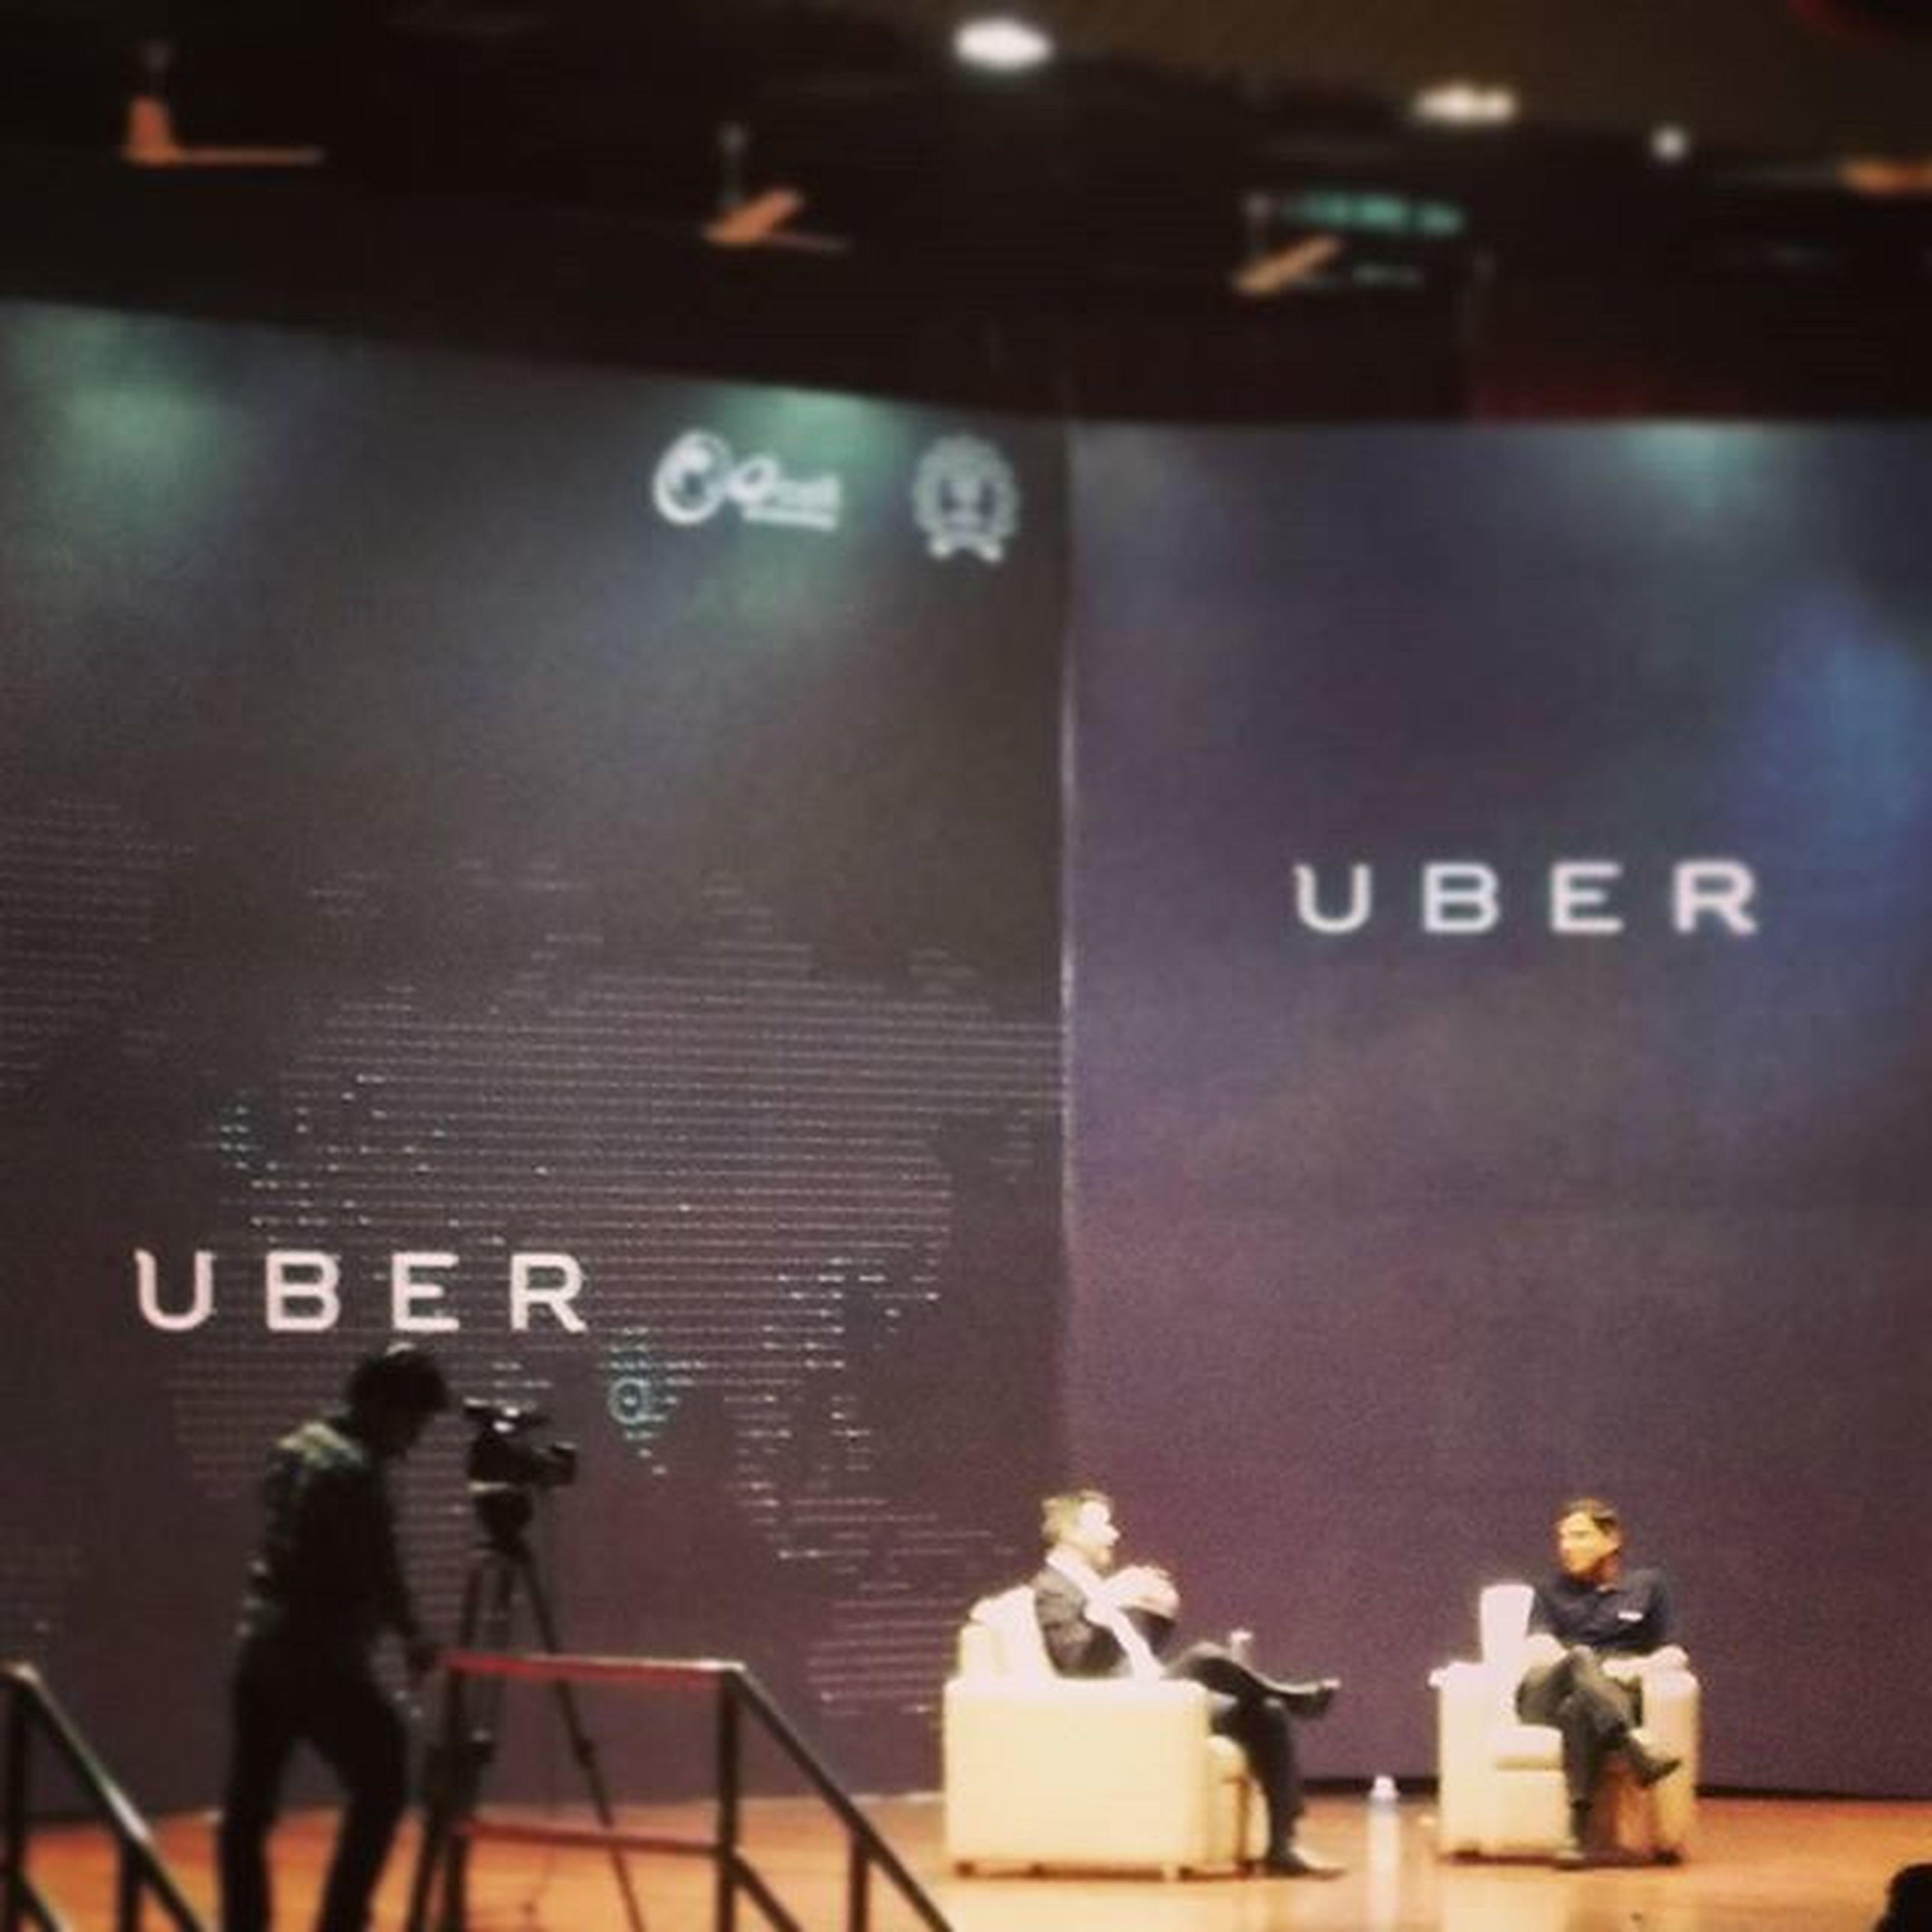 TRAVIS KALANICK IN MUMBAI Iitb Startupindia STANDUPINDIA Uberceo